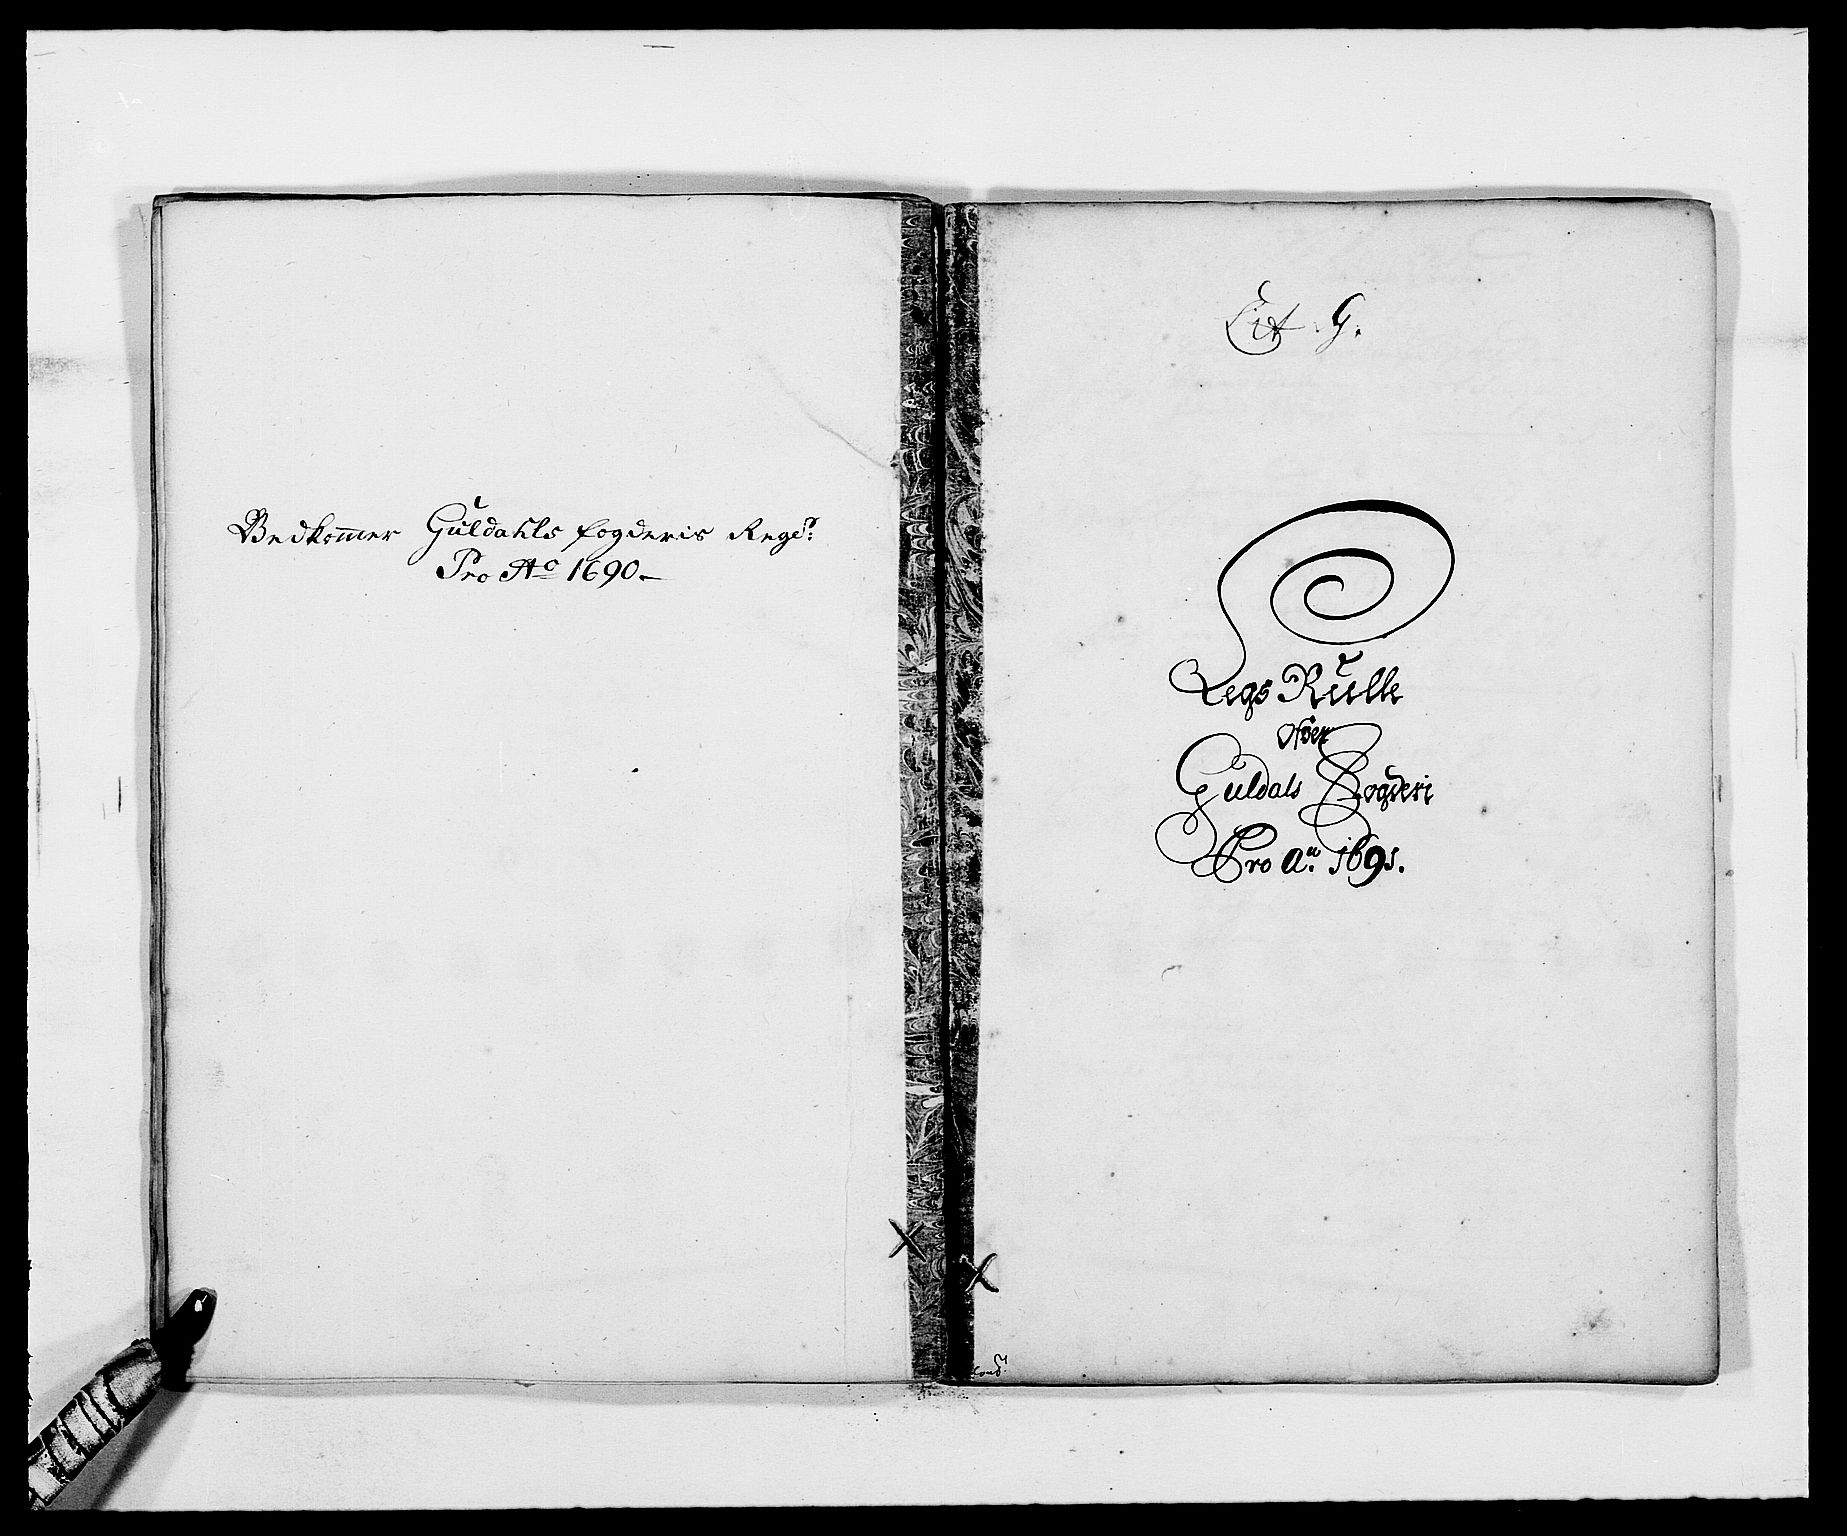 RA, Rentekammeret inntil 1814, Reviderte regnskaper, Fogderegnskap, R59/L3941: Fogderegnskap Gauldal, 1691, s. 95